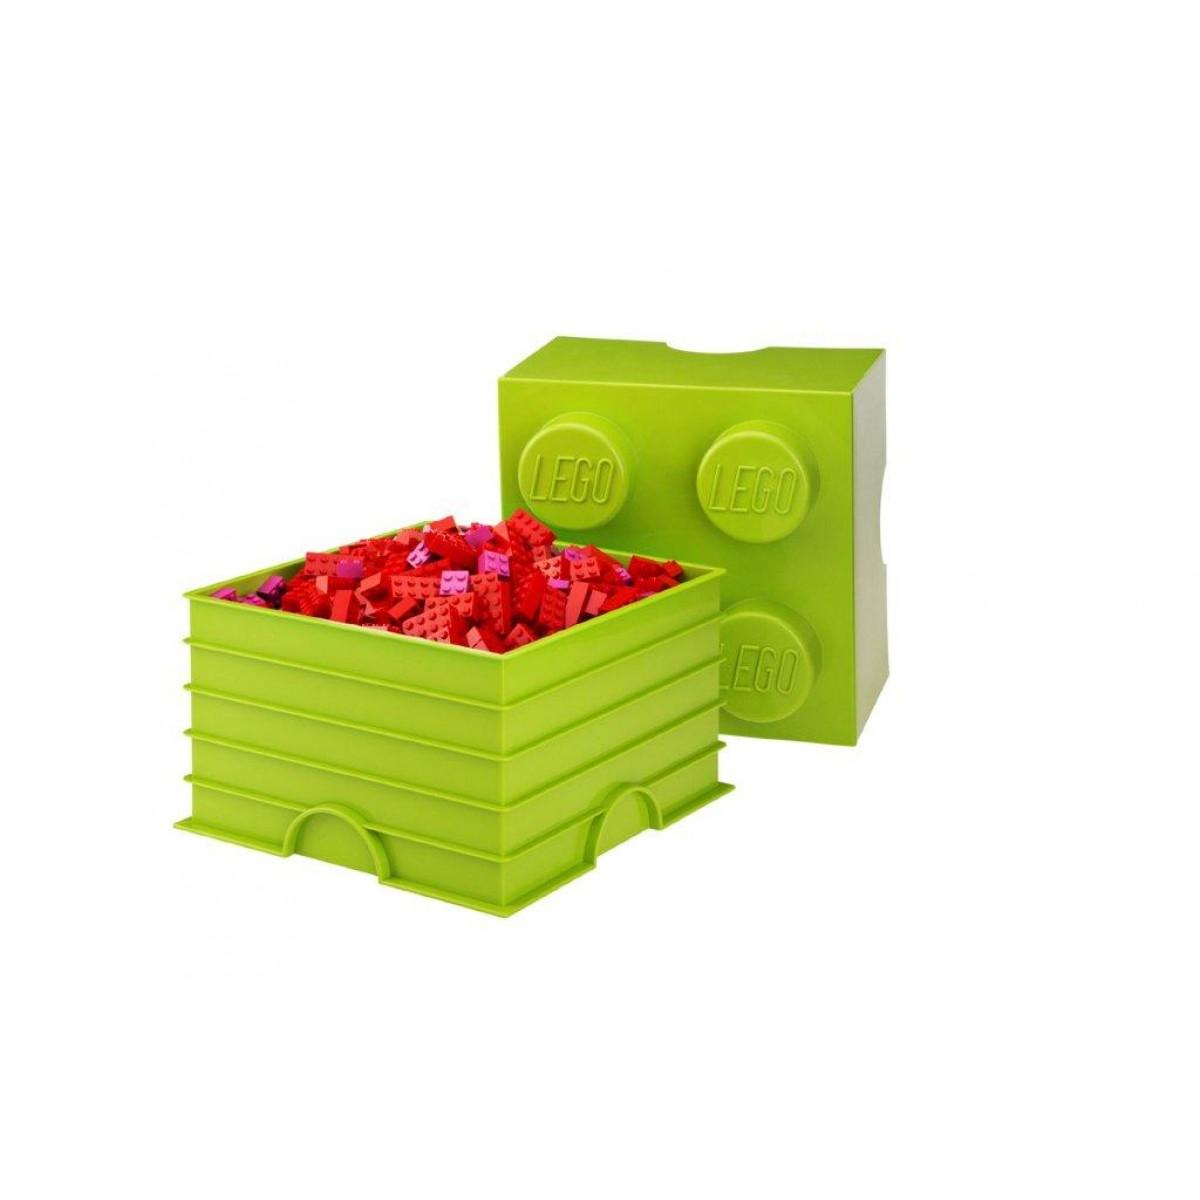 Lego opbevaringskasse 4 - limegrøn, +10 stk. på lager fra Lego fra pixizoo